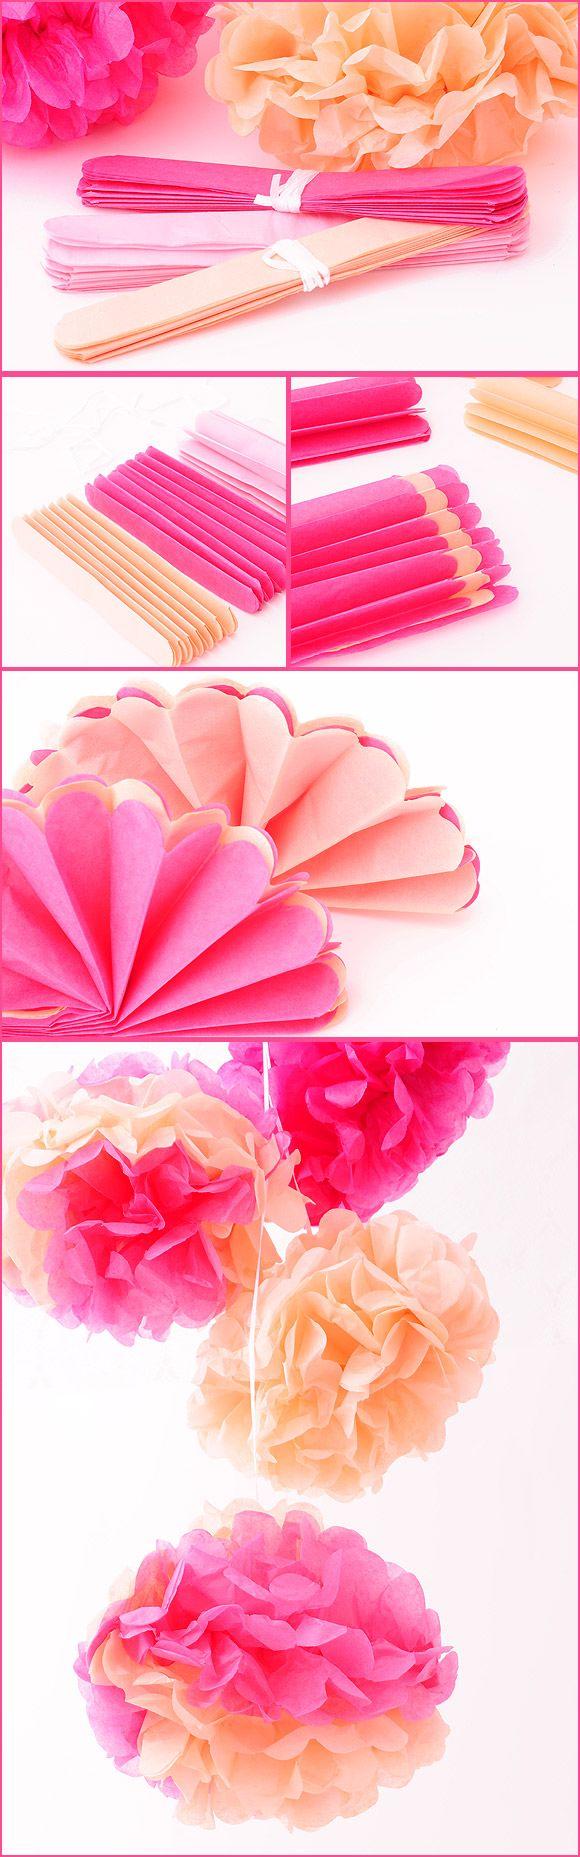 Diy de bodas como hacer pompones de papel de dos colores for Papel de decoracion